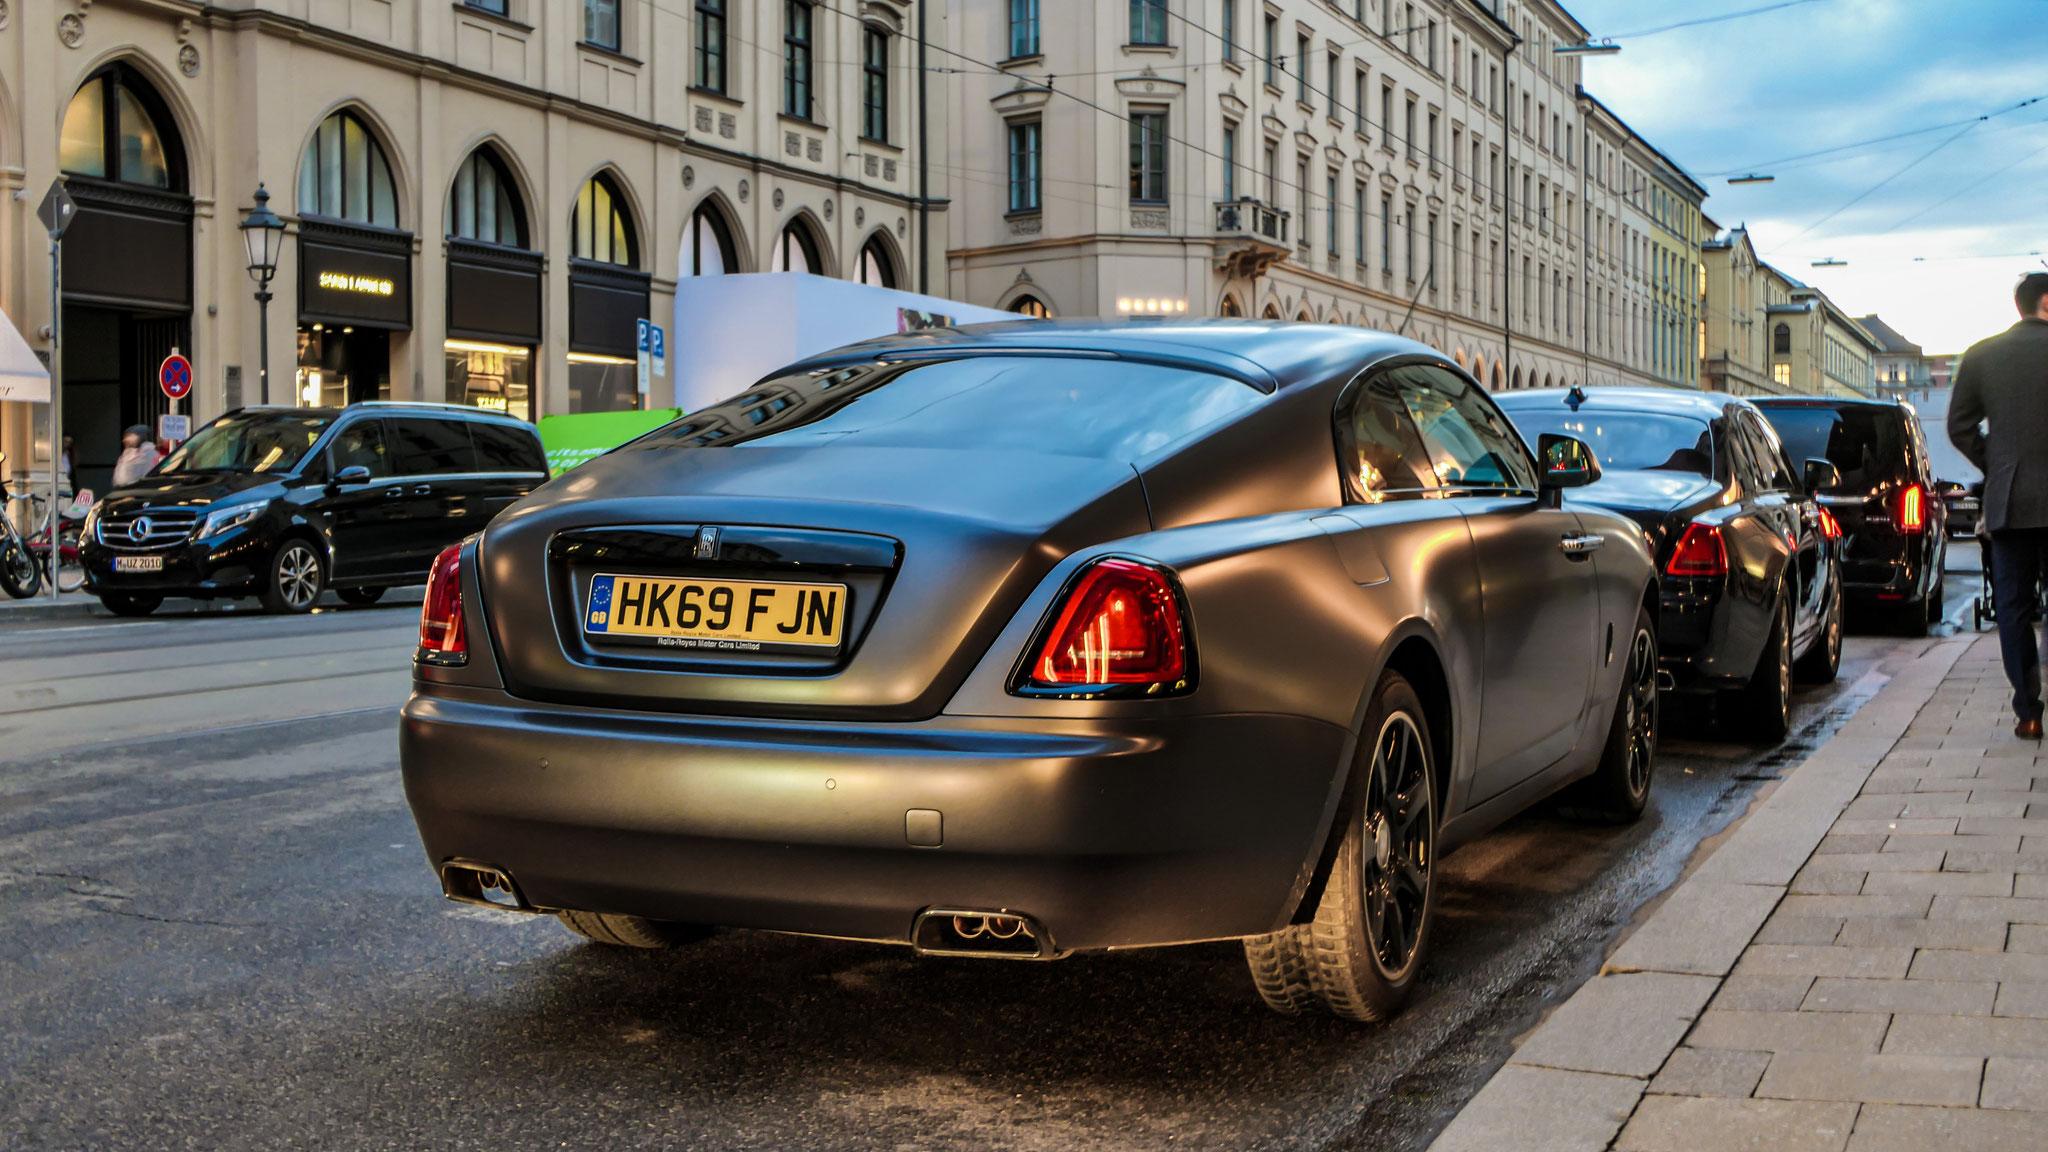 Rolls Royce Wraith - HK69-FJN (GB)